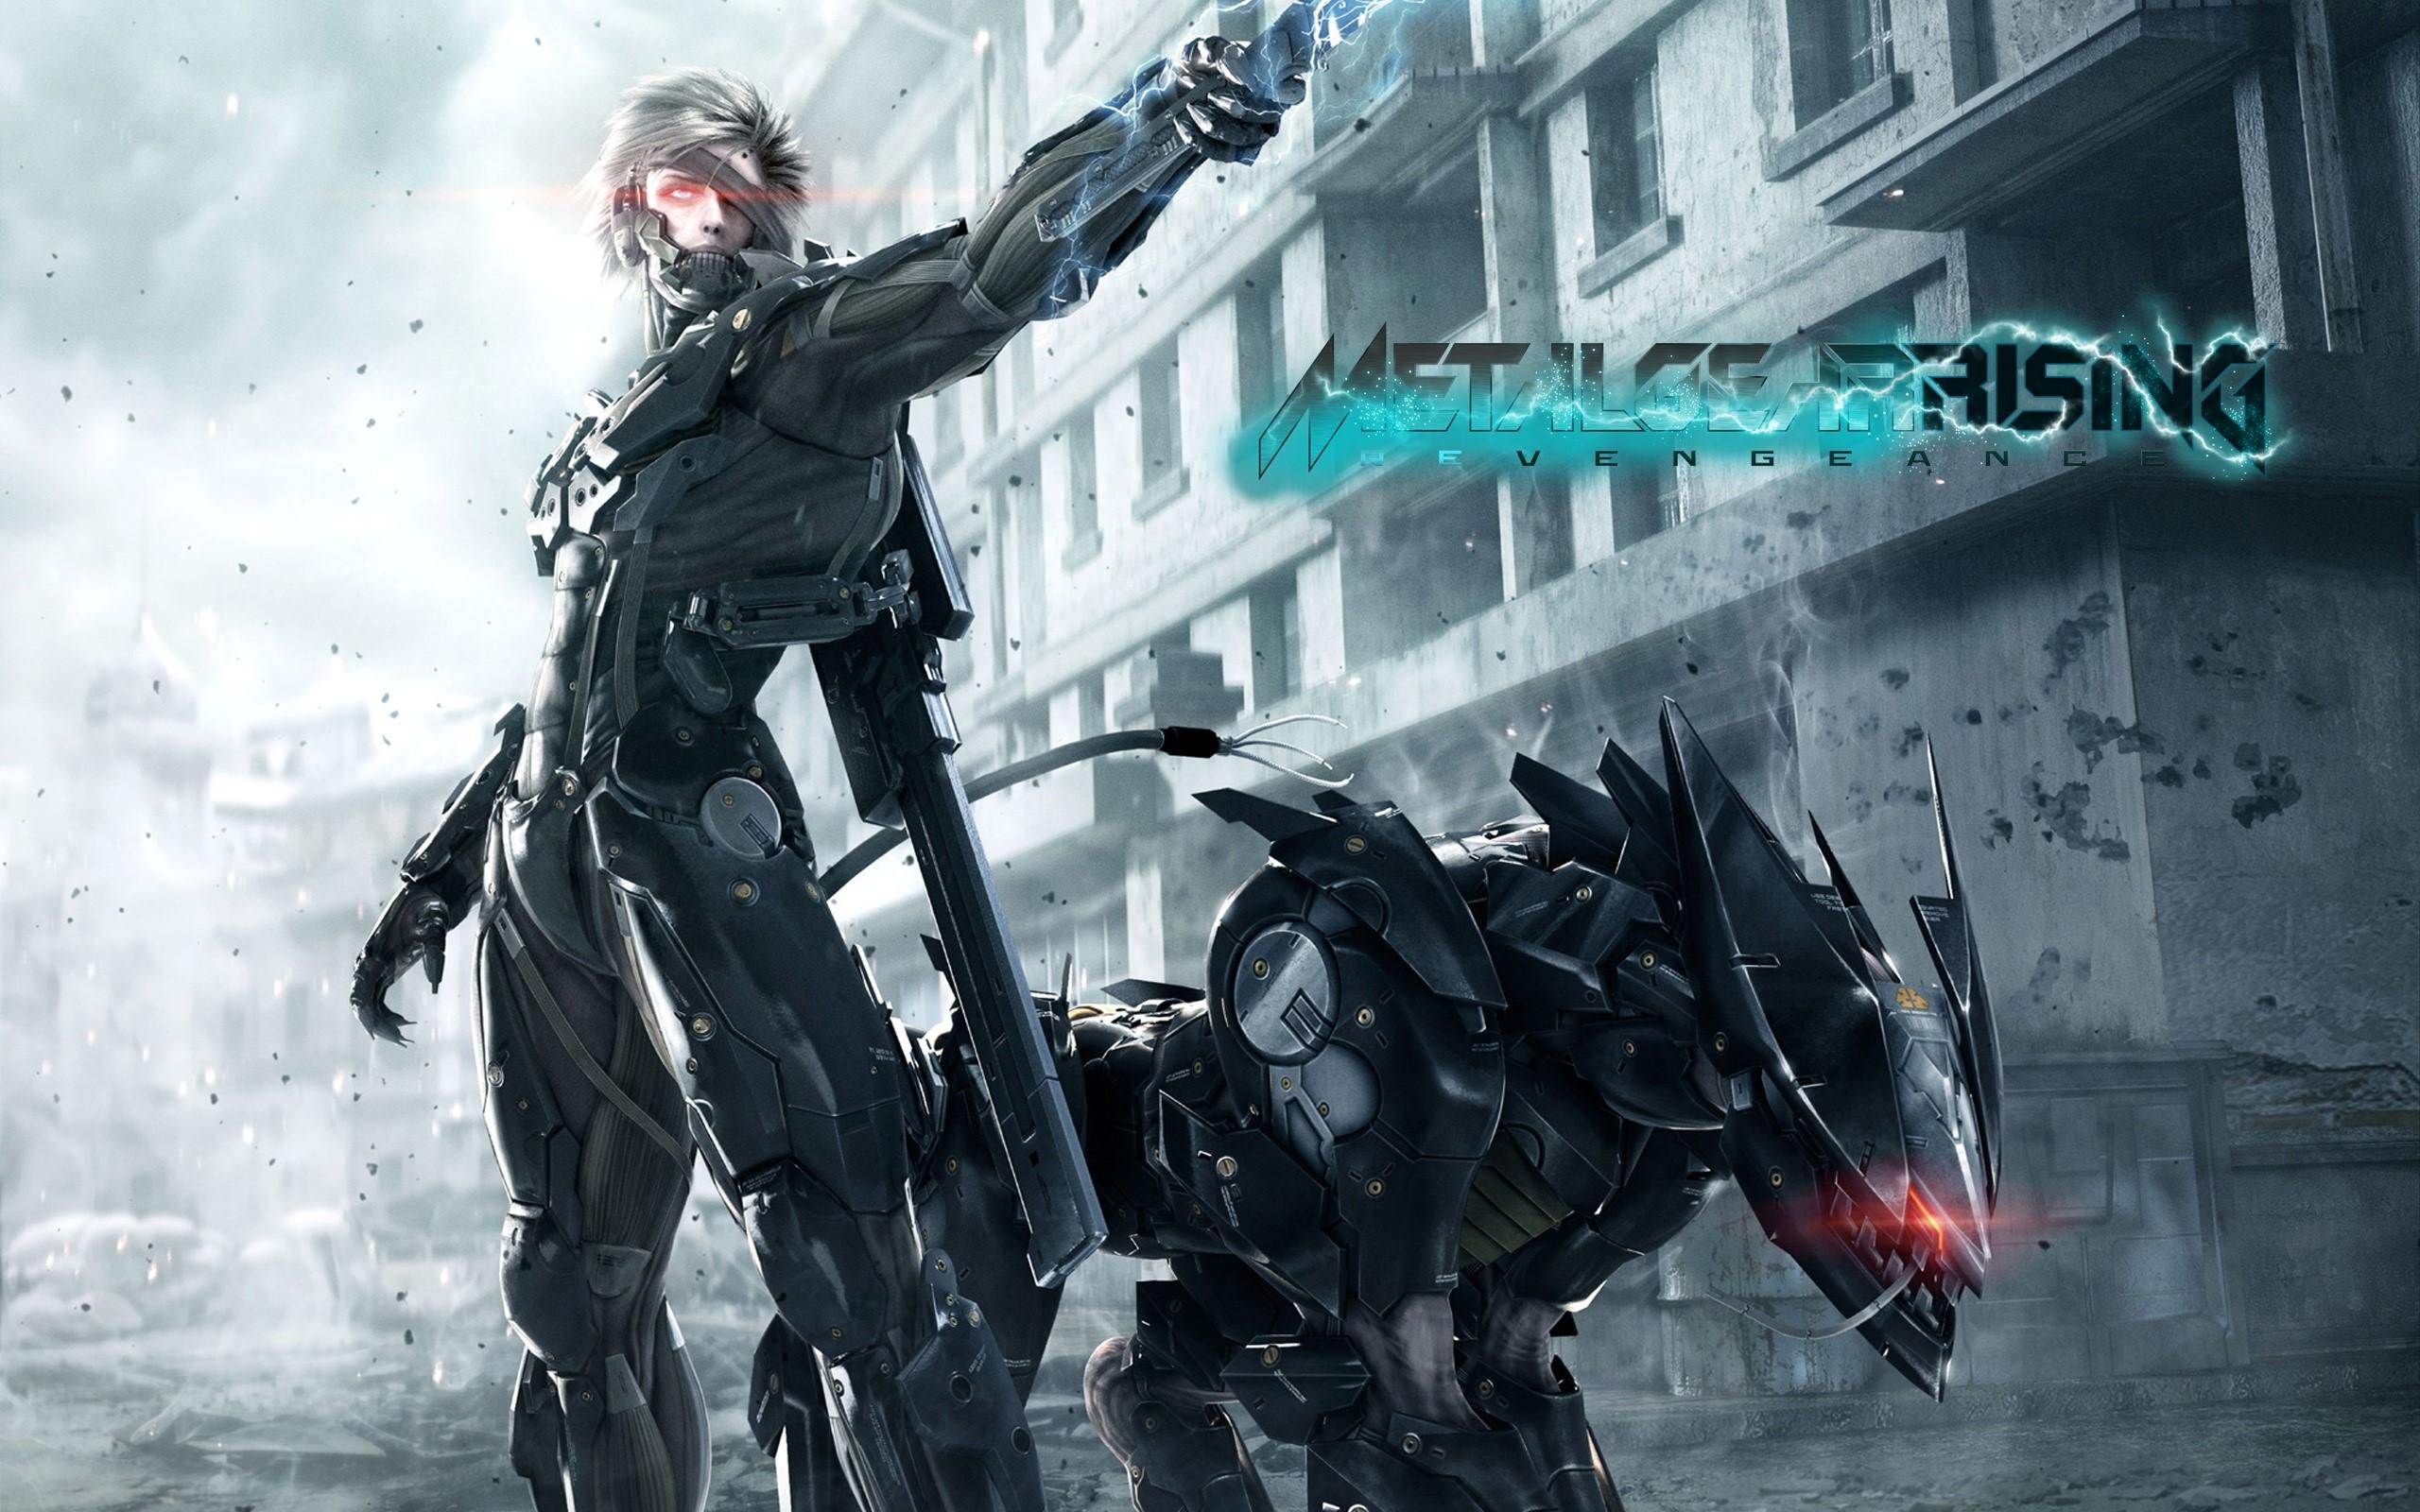 Fondos de pantalla Metal Gear Rising Revengeance 4